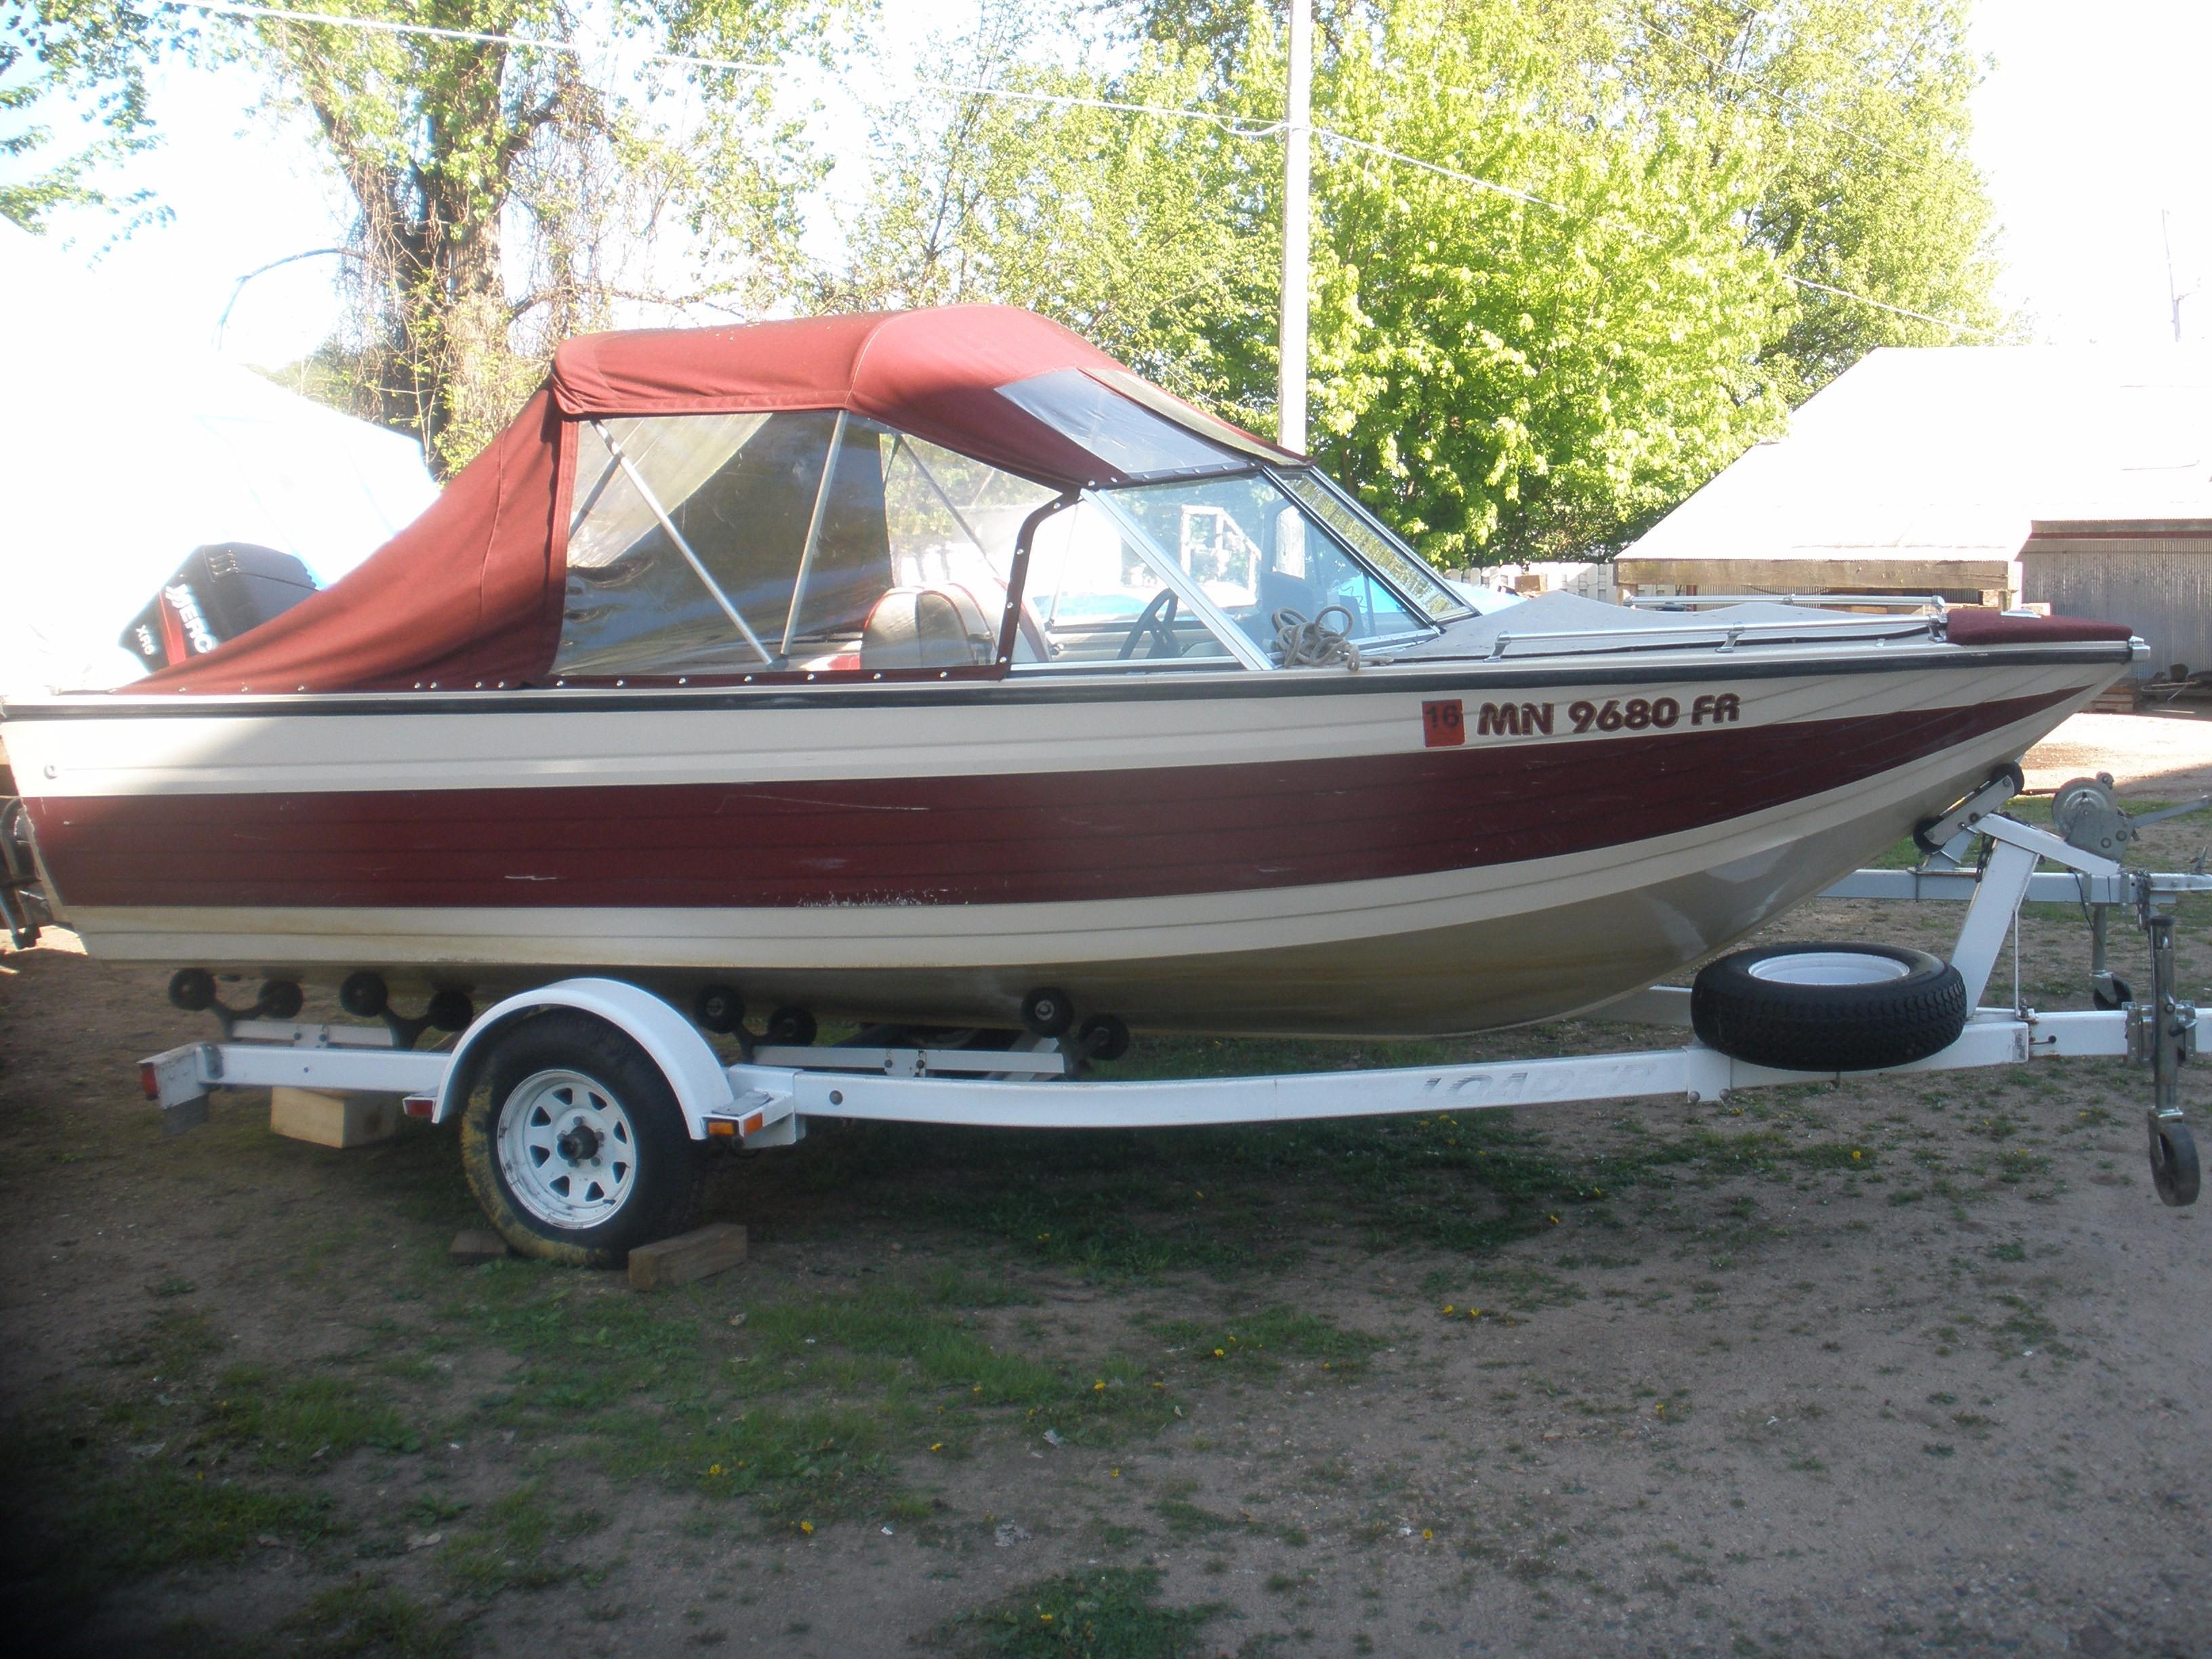 1989 Crestliner Phantom Power Boat For Sale Www